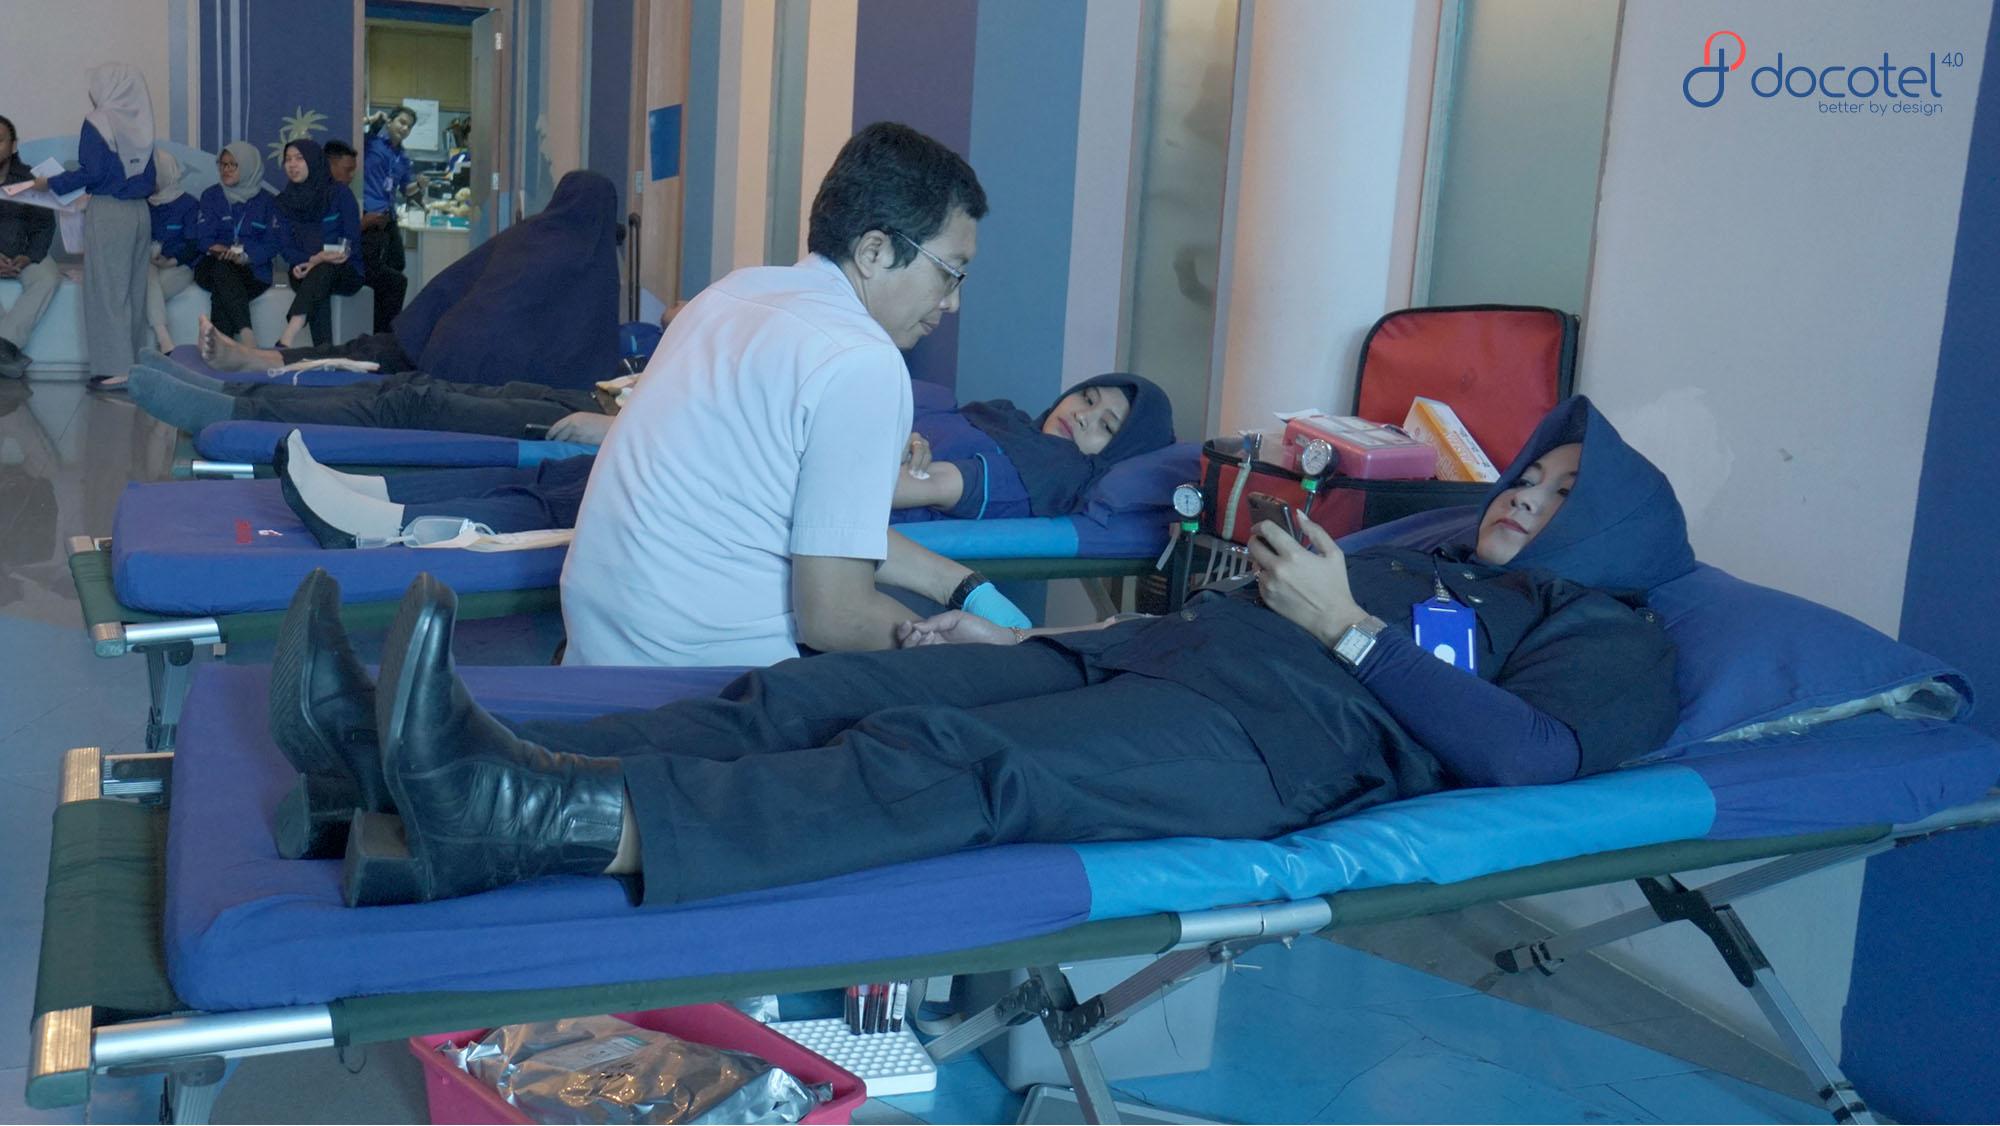 Ayo, Jadi Pahawan Lagi di Doco Donor Day! 1